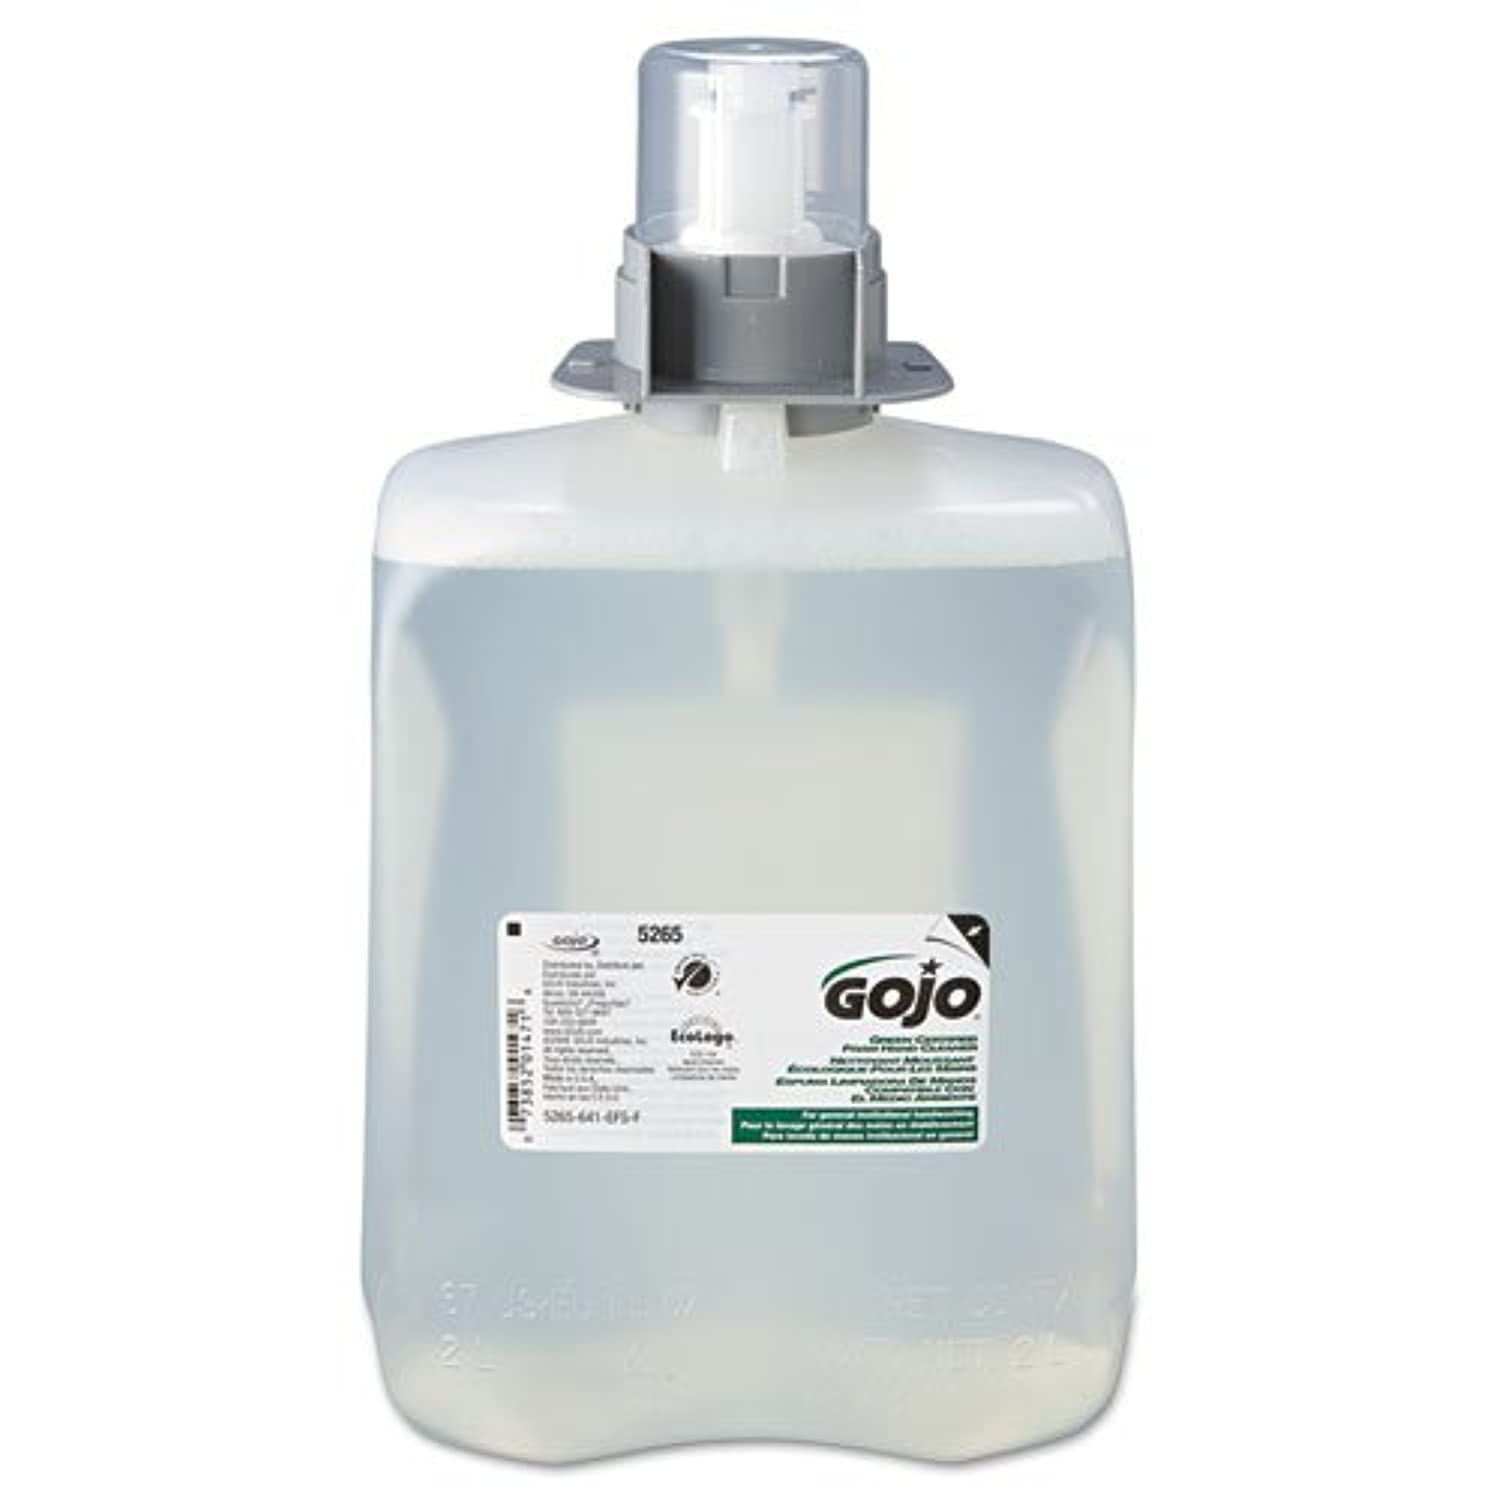 完全にかすれた破壊的なgoj526502 – グリーン認定Foam Hand Cleaner